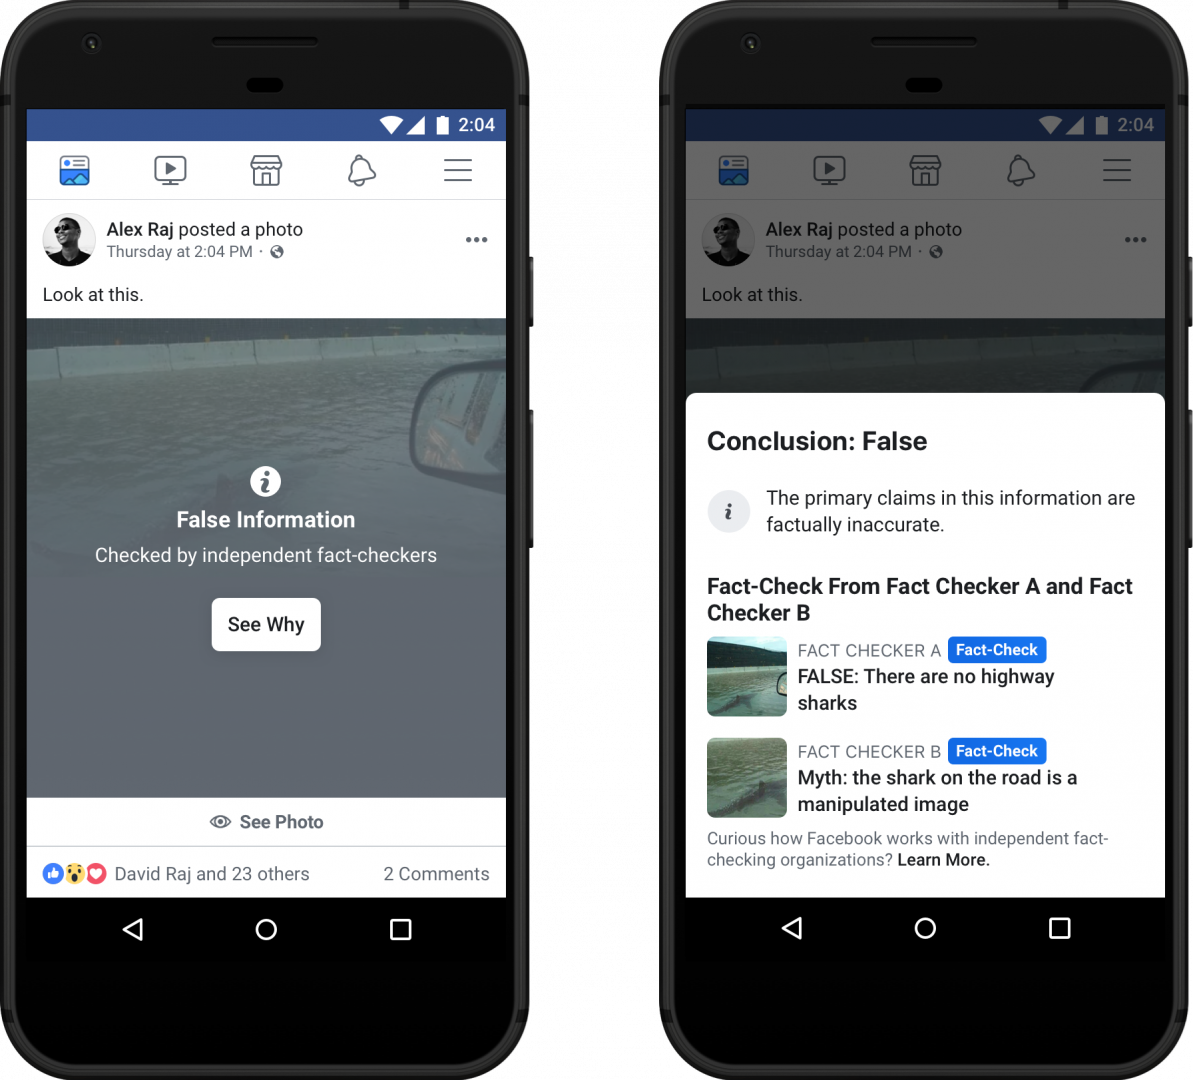 Facebook pokreće nezavisni program za provjeru informacija u Crnoj Gori